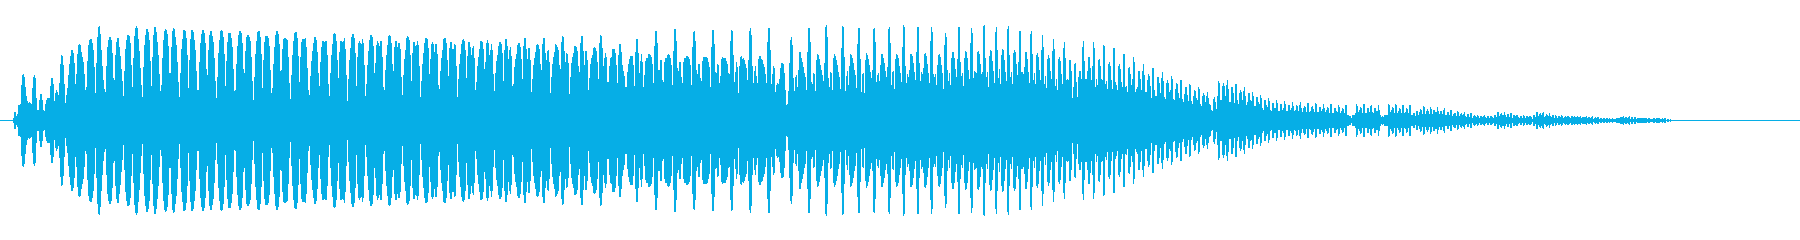 ブワ〜↑ン(やわらかく上がる音)の再生済みの波形